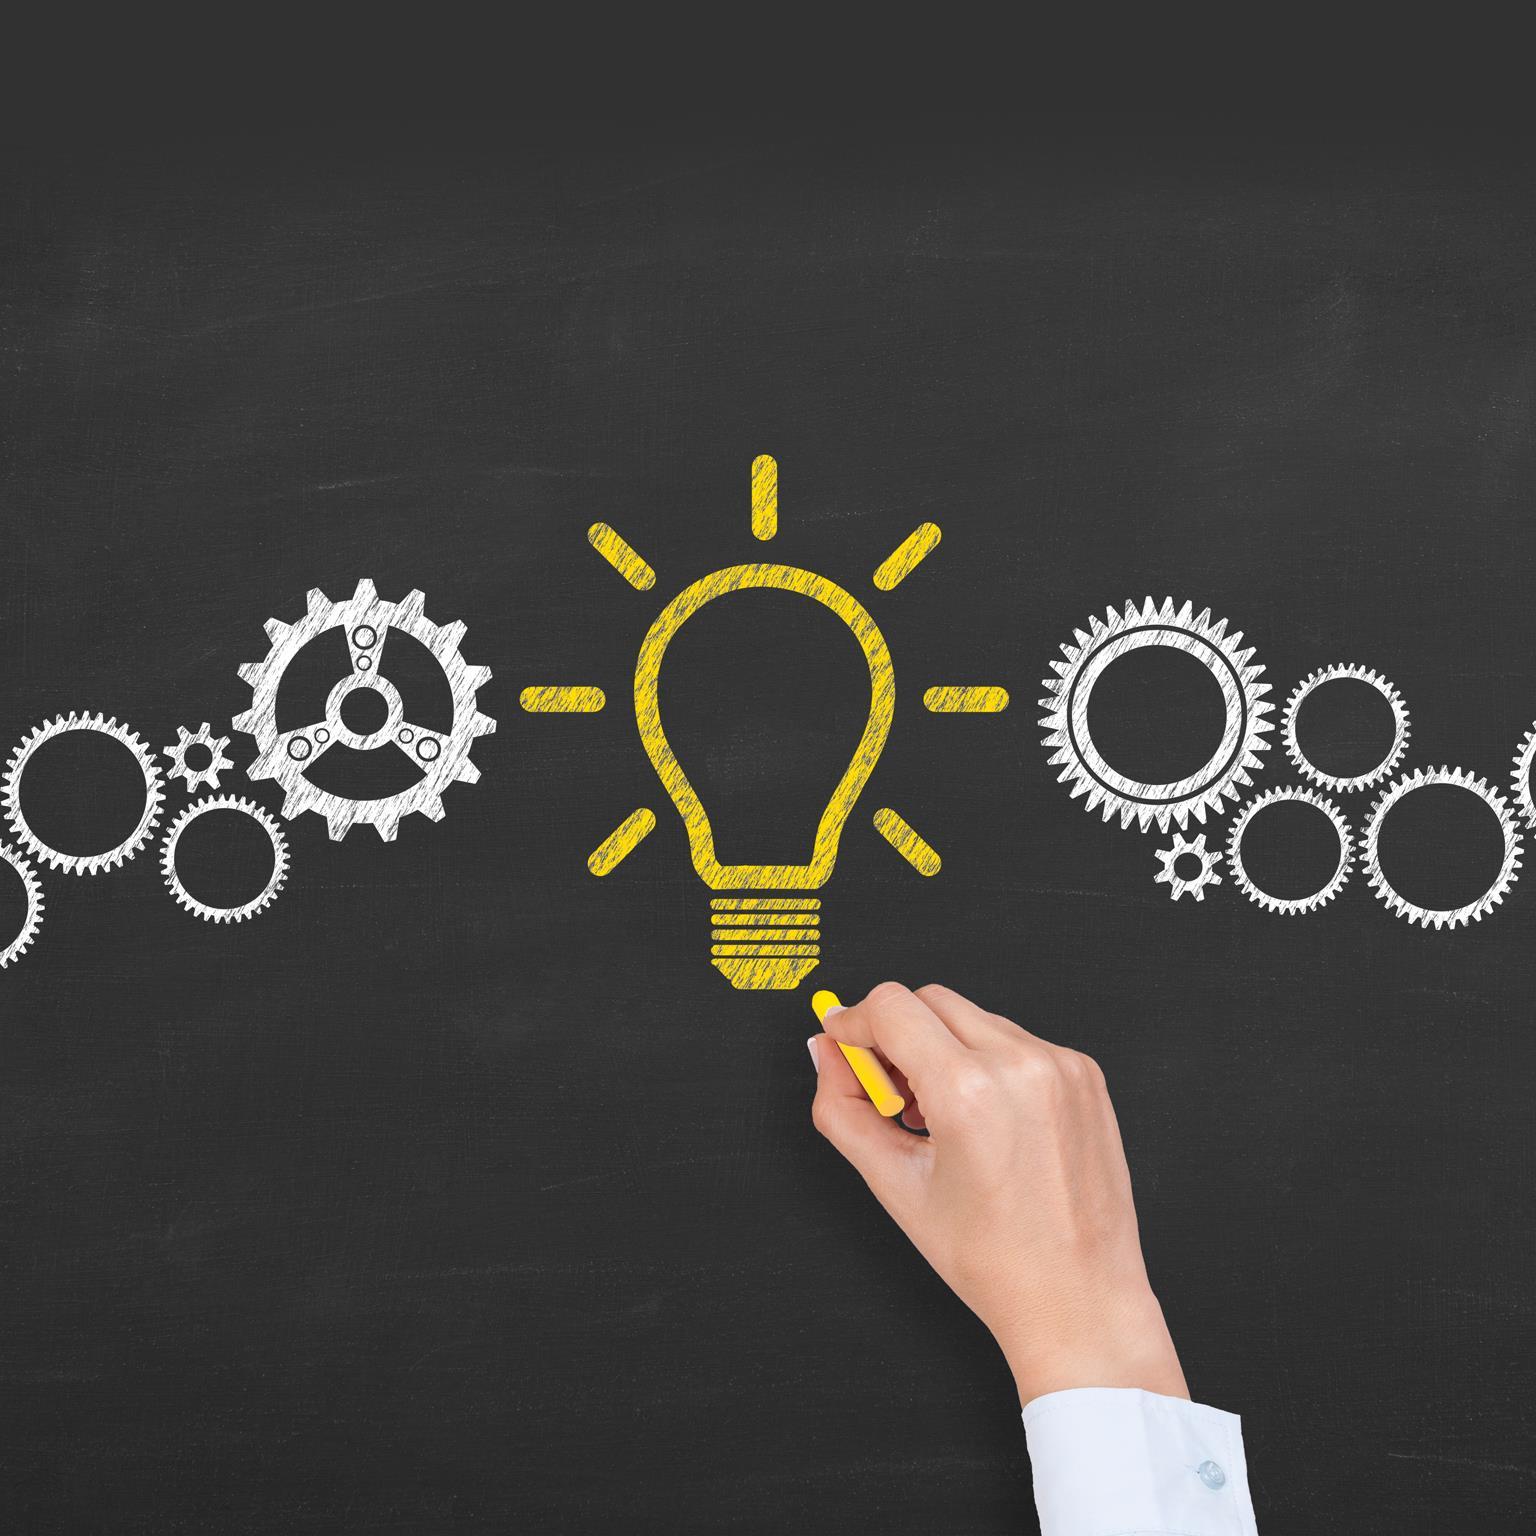 Becoming a better business technologist